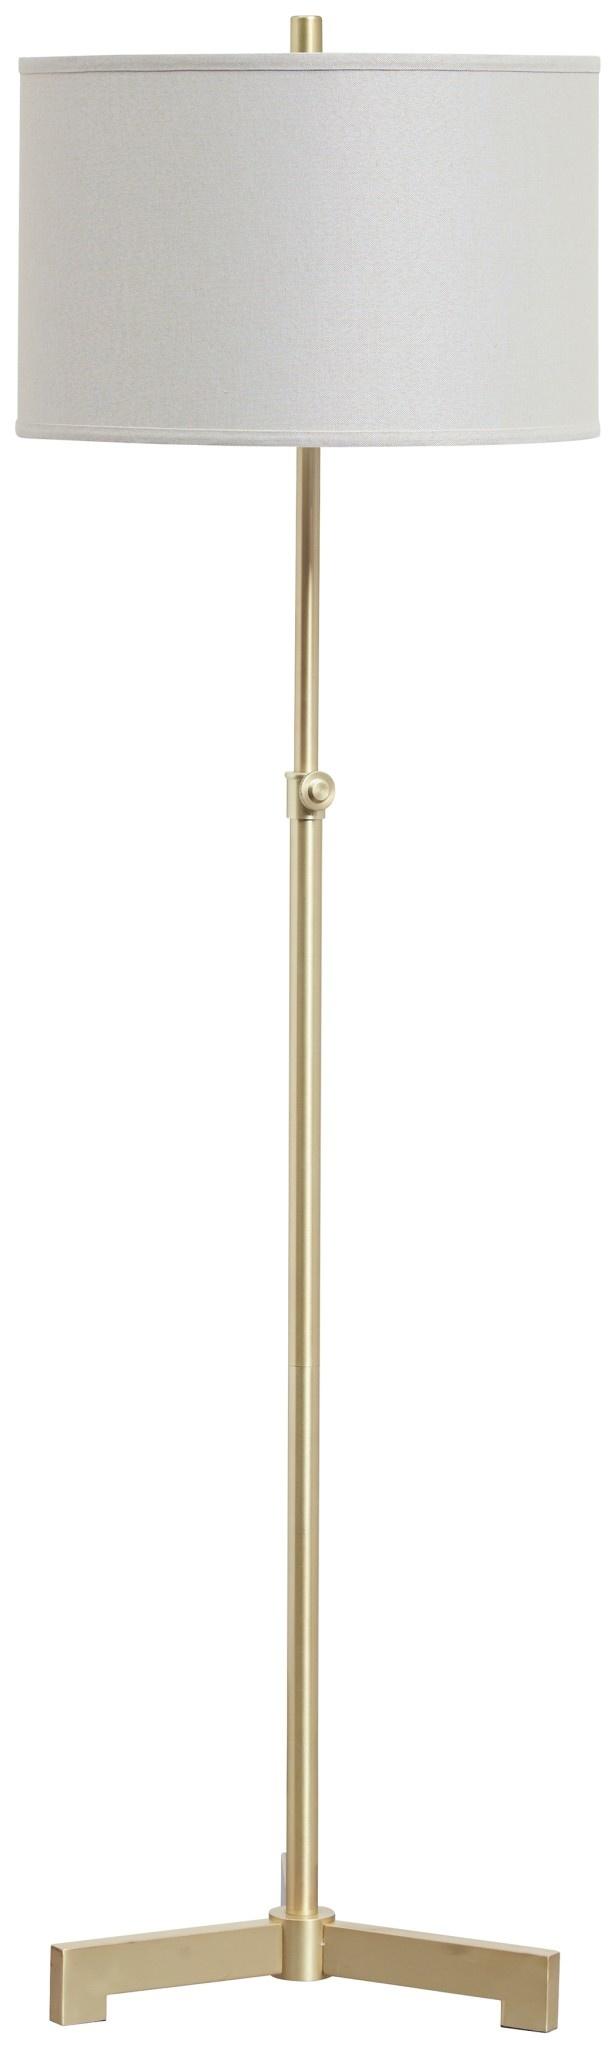 Signature Design Laurinda- Antique Brass Floor Lamp L734281